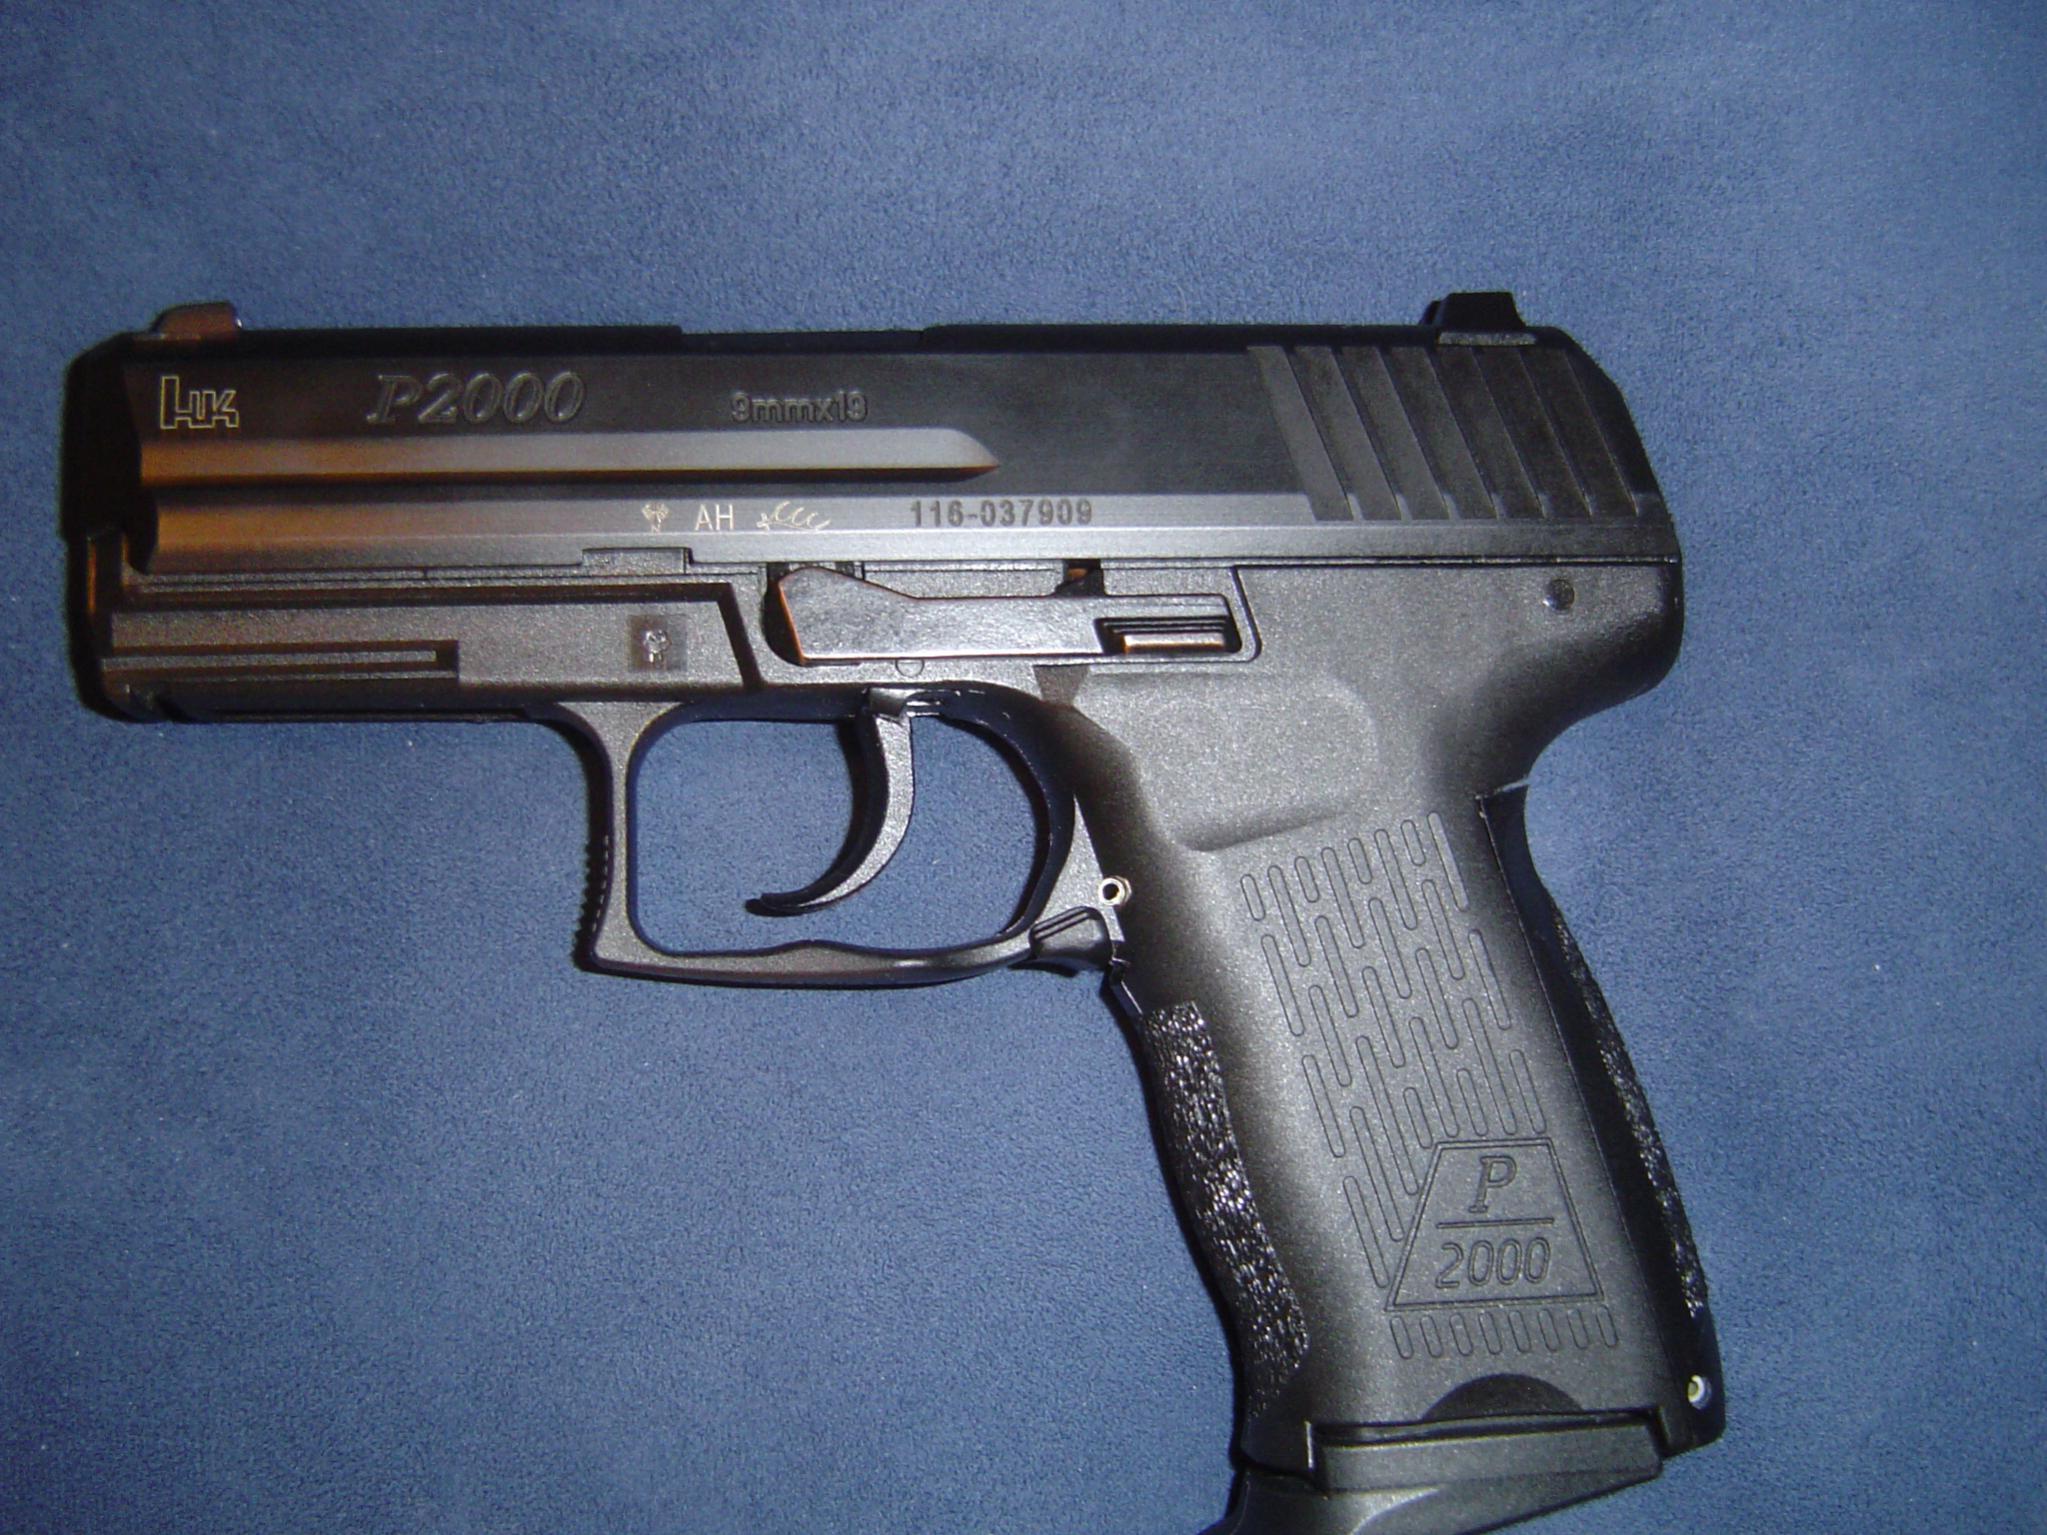 My new carry gun. HK P2000 V2-dsc00018.jpg